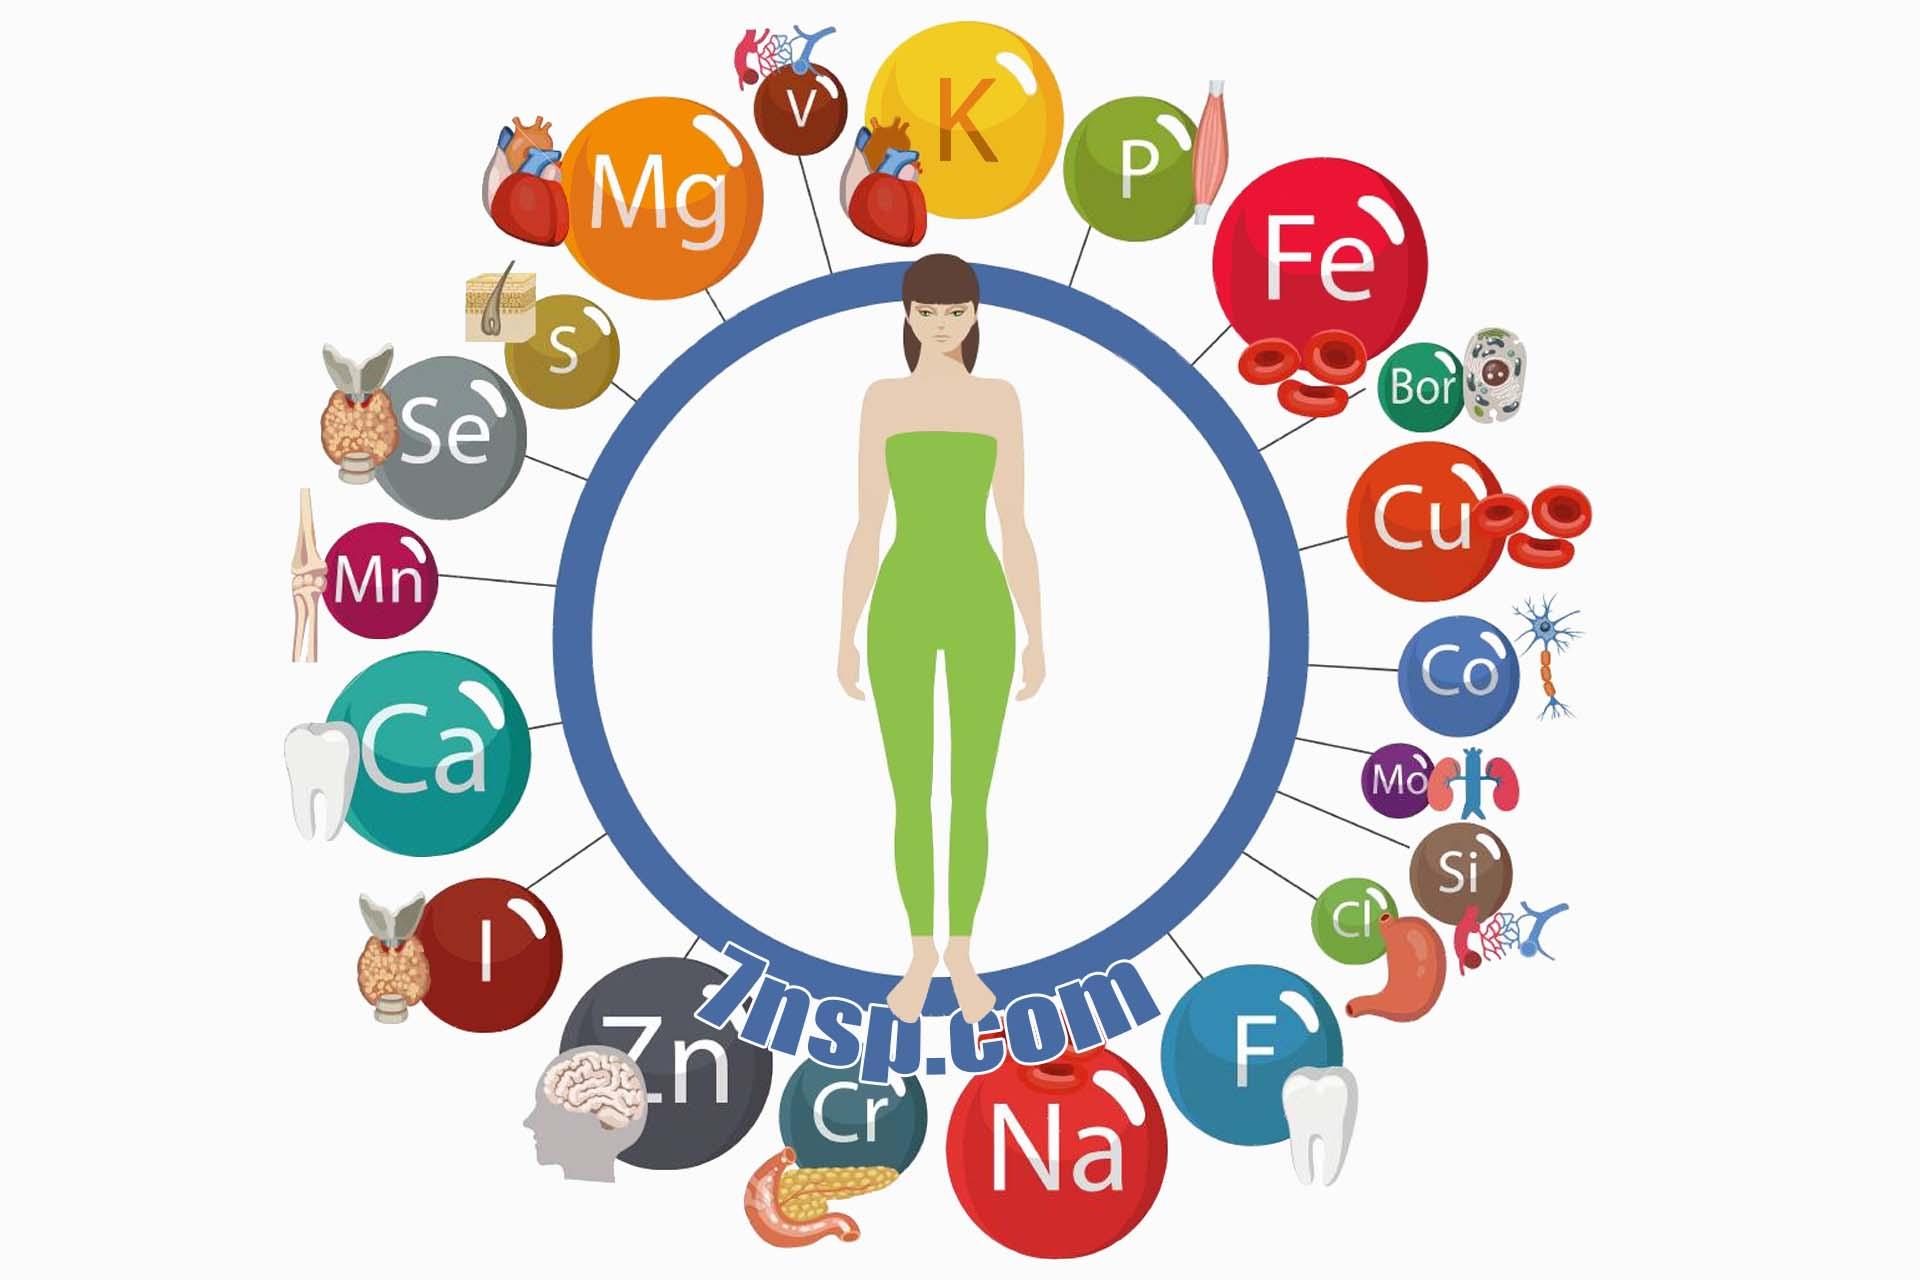 Формула здоровья - продукция НСП работает на клеточном уровне организма